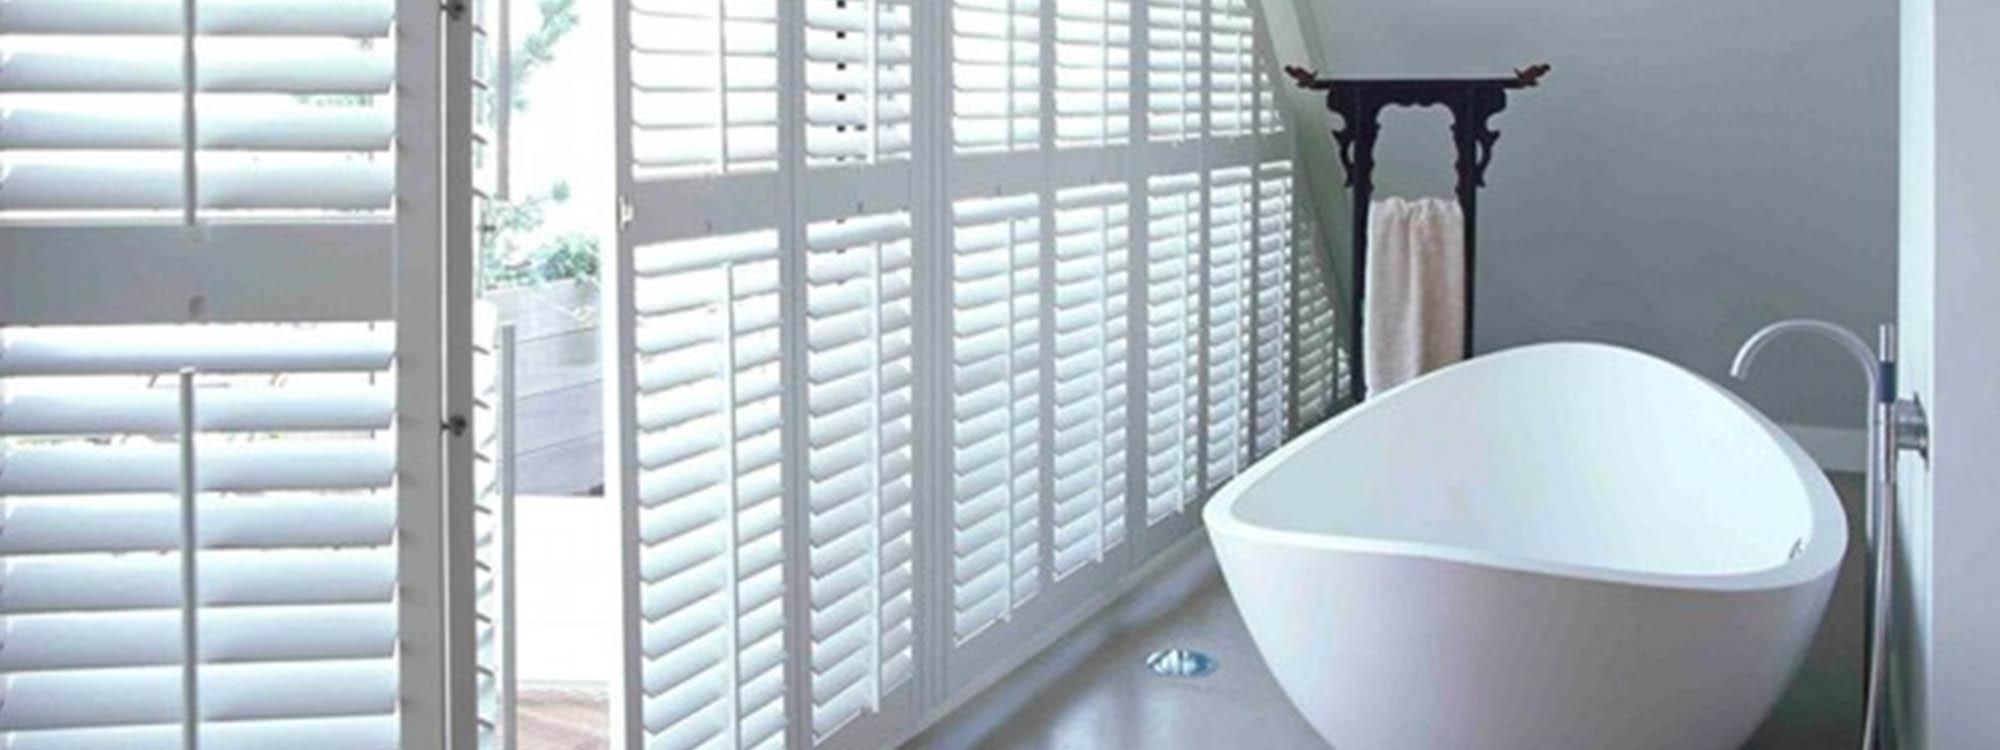 Woodbury-shutters-bathroom-bathtub